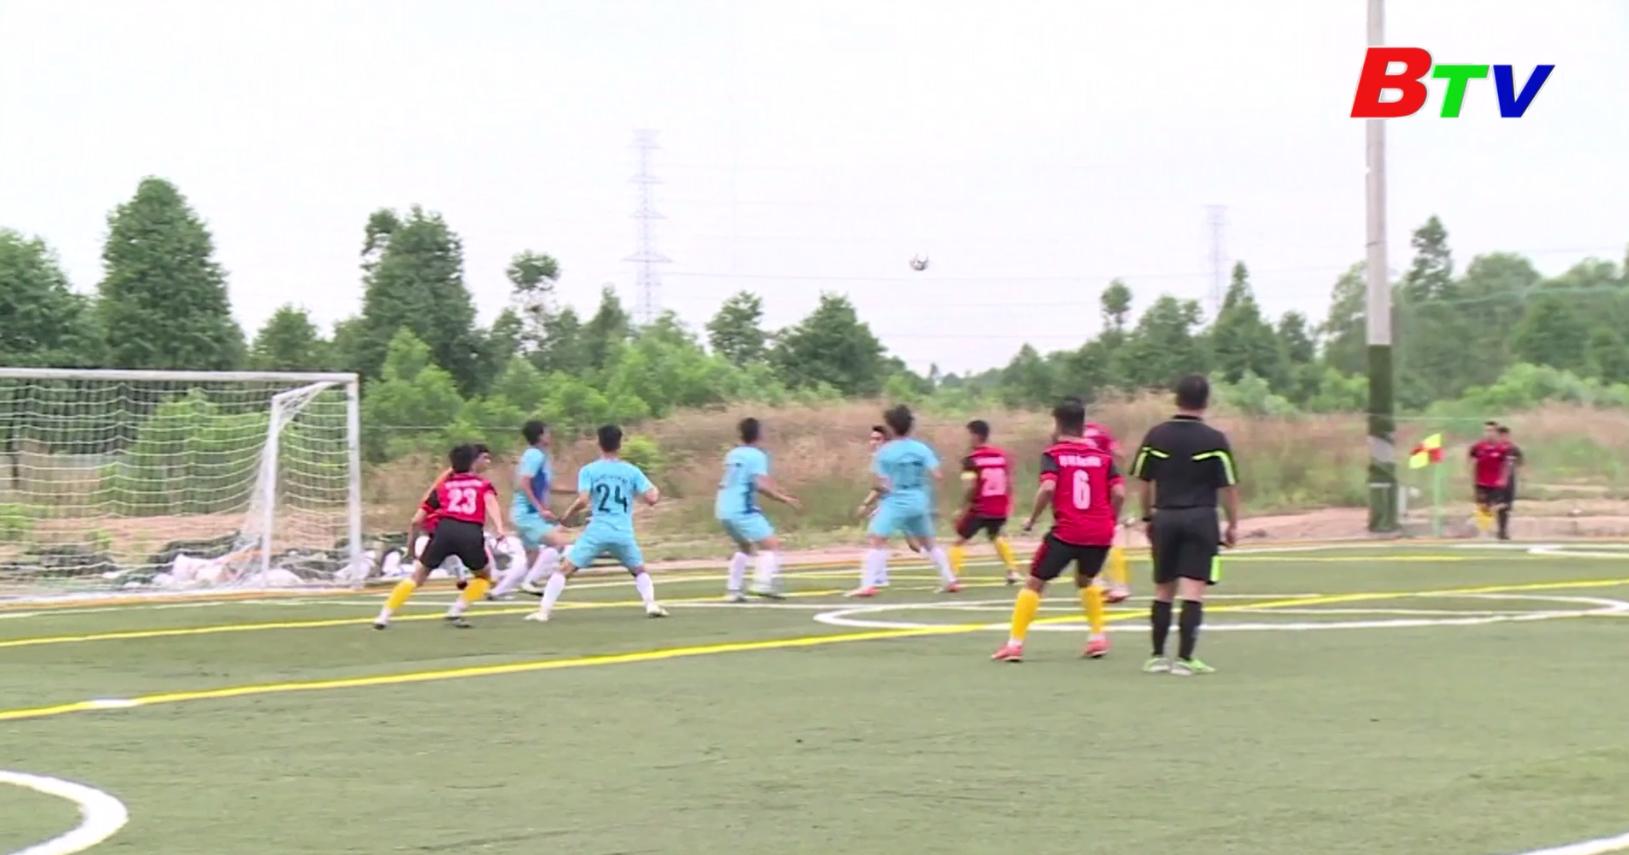 Giải bóng đá sinh viên tỉnh Bình Dương - Sân chơi sôi động của bóng đá phong trào